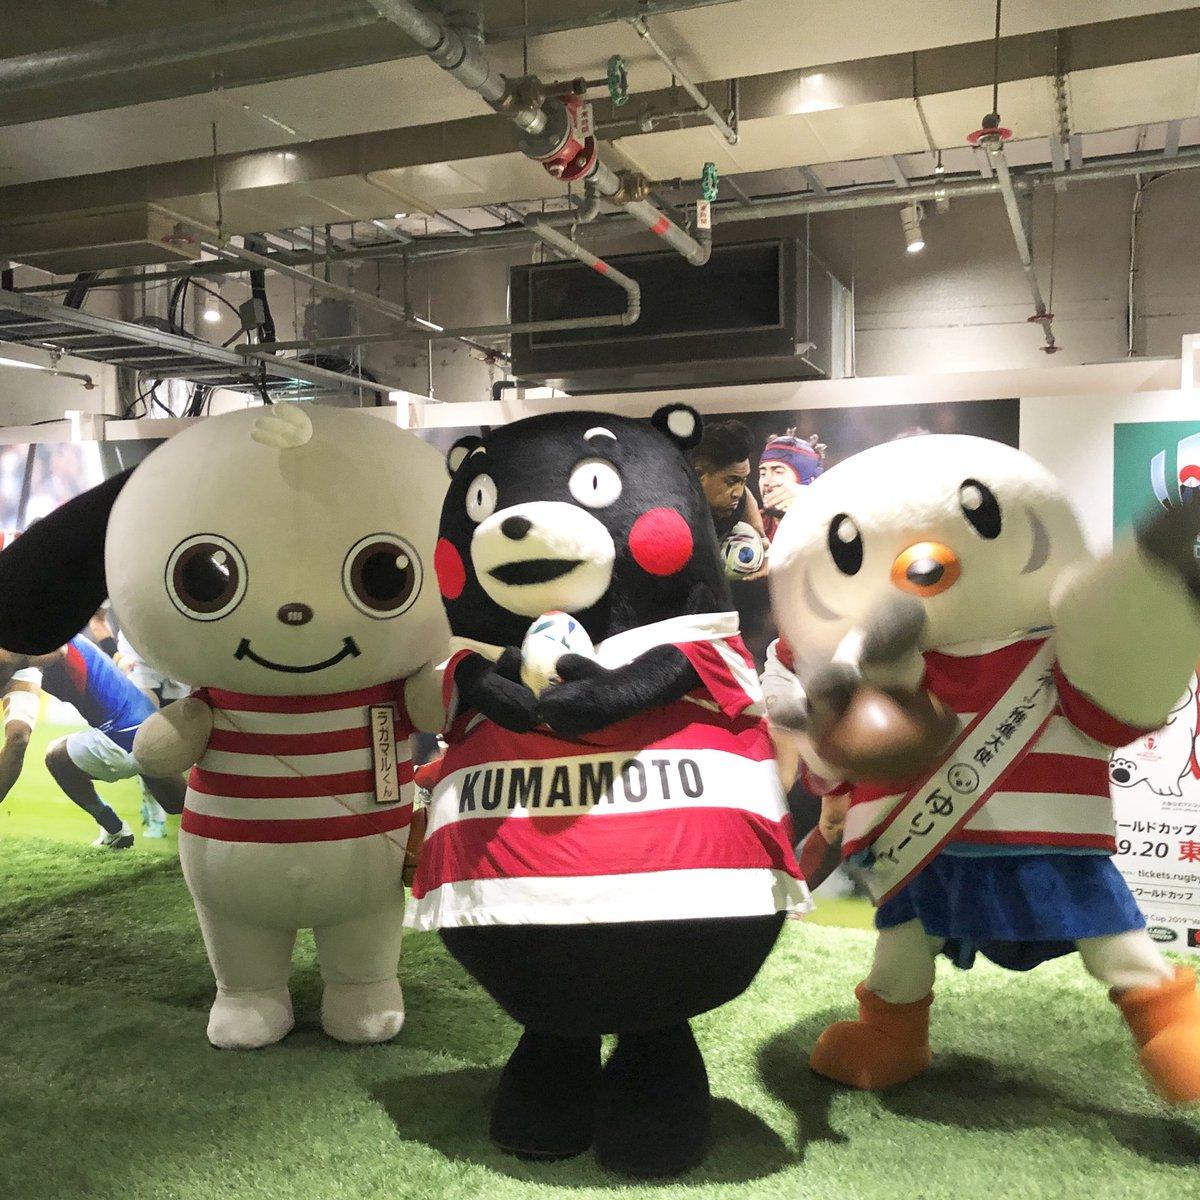 #ラガマルくん #くまモン #ゆりーと も #ラグビーワールドカップ2019 を応援しています!🏉